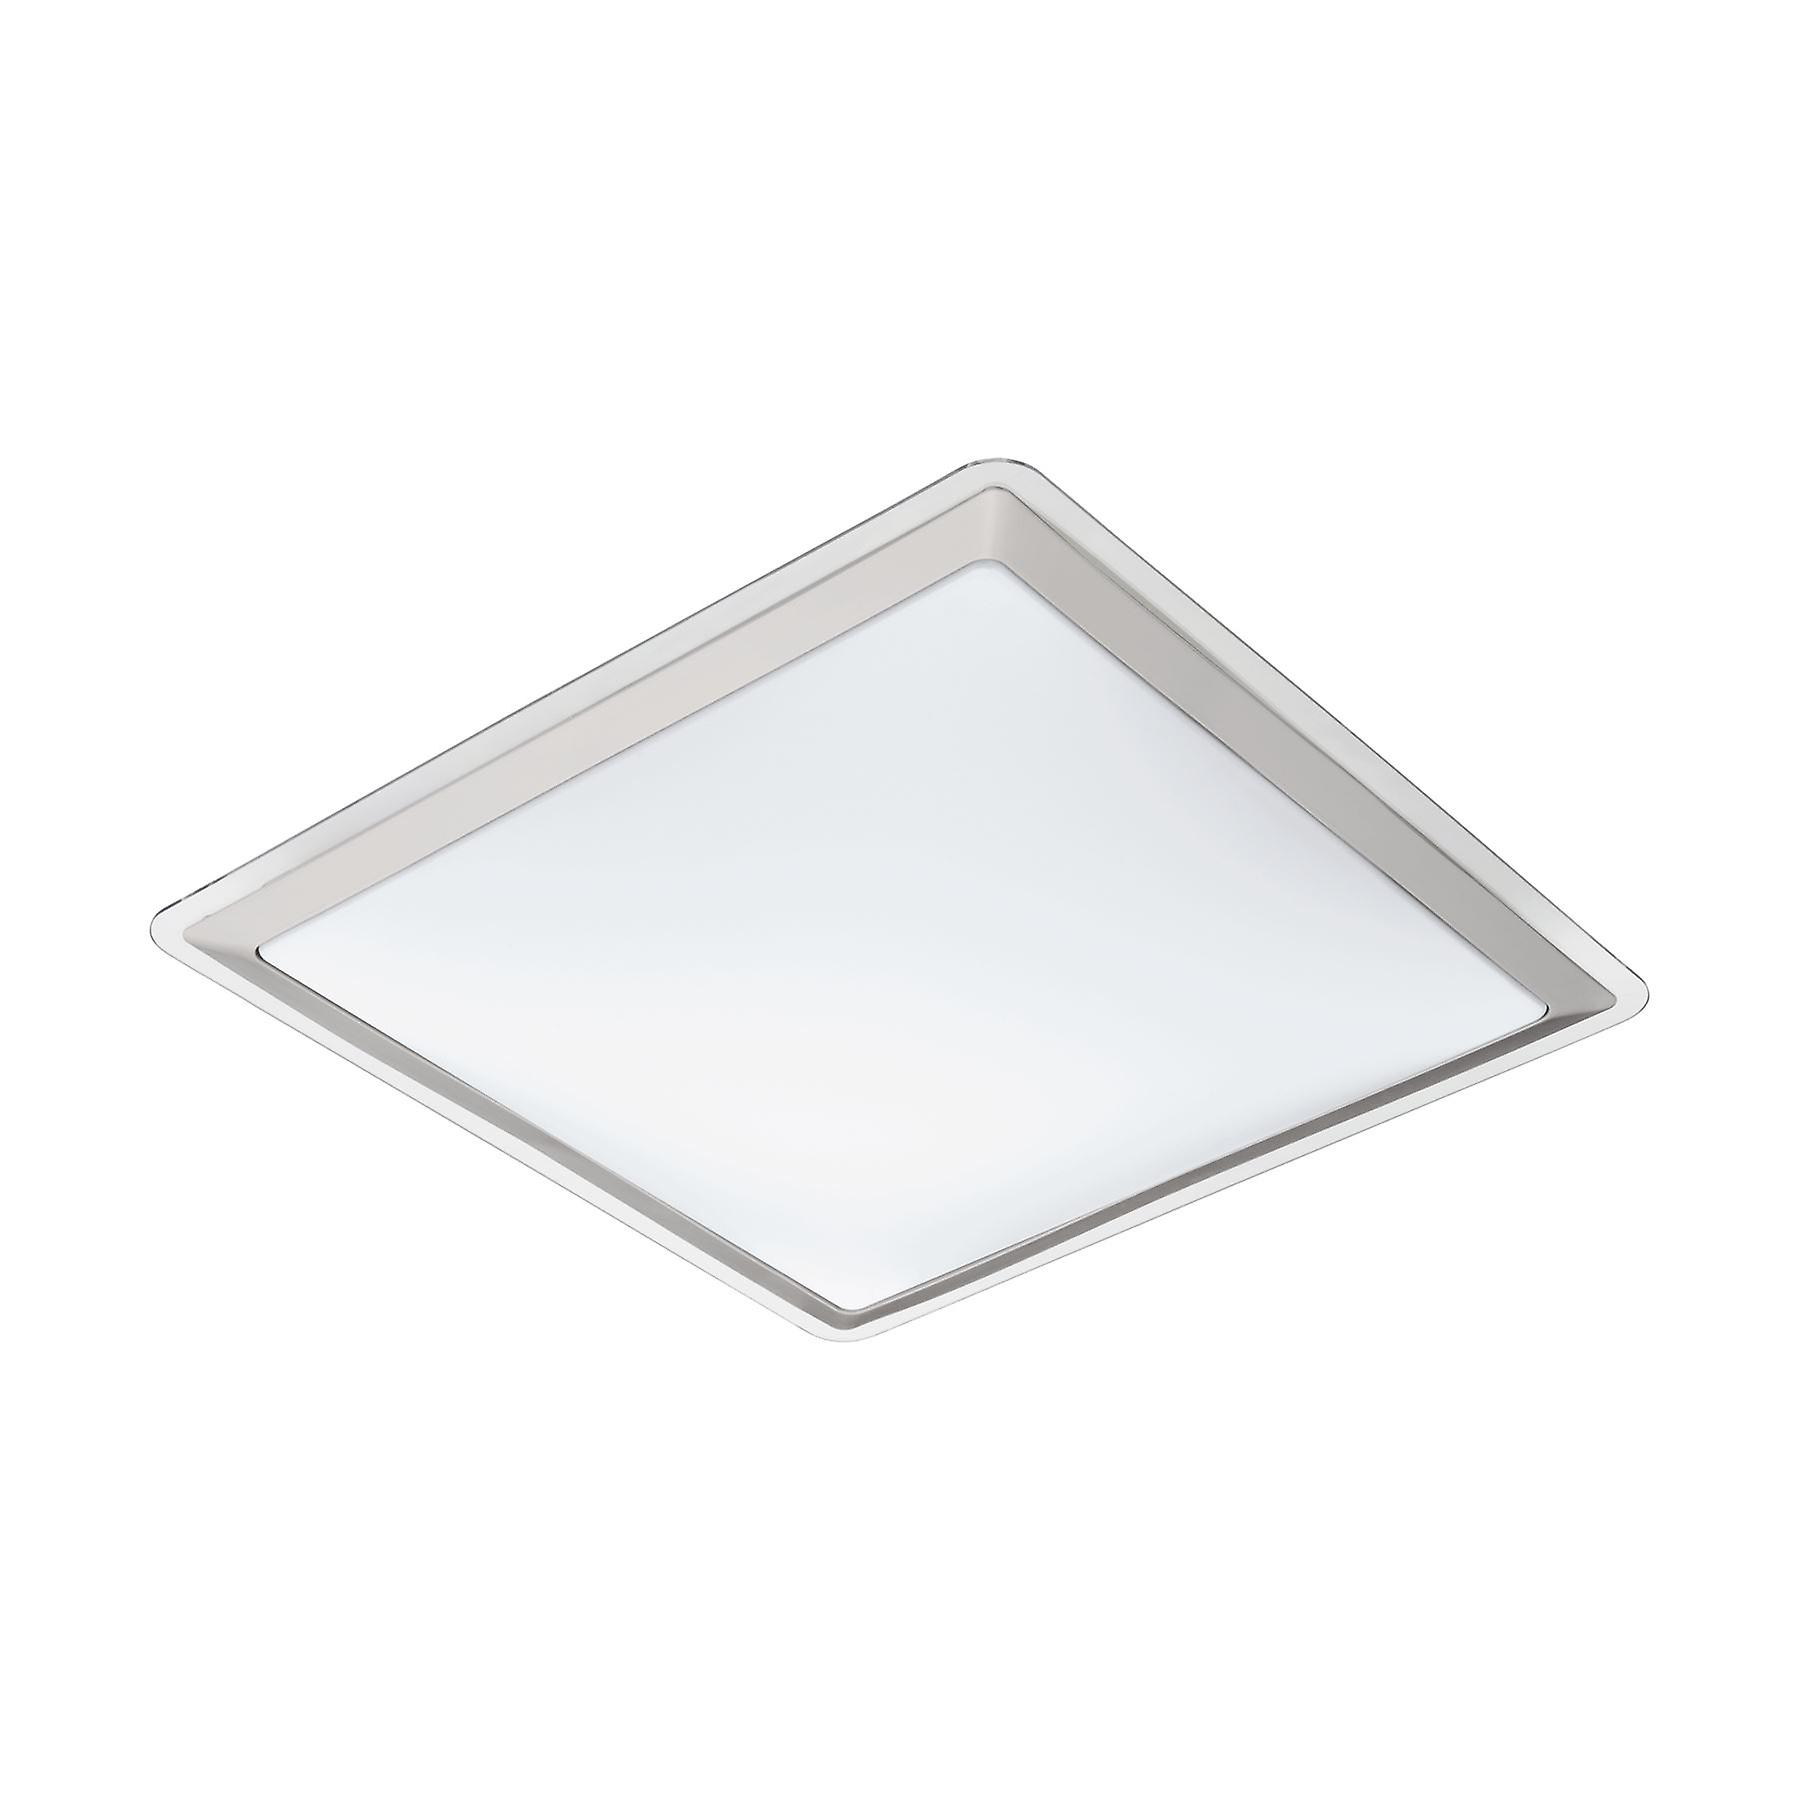 Eglo - Competa 1 LED White Square Ceiling Light EG95681